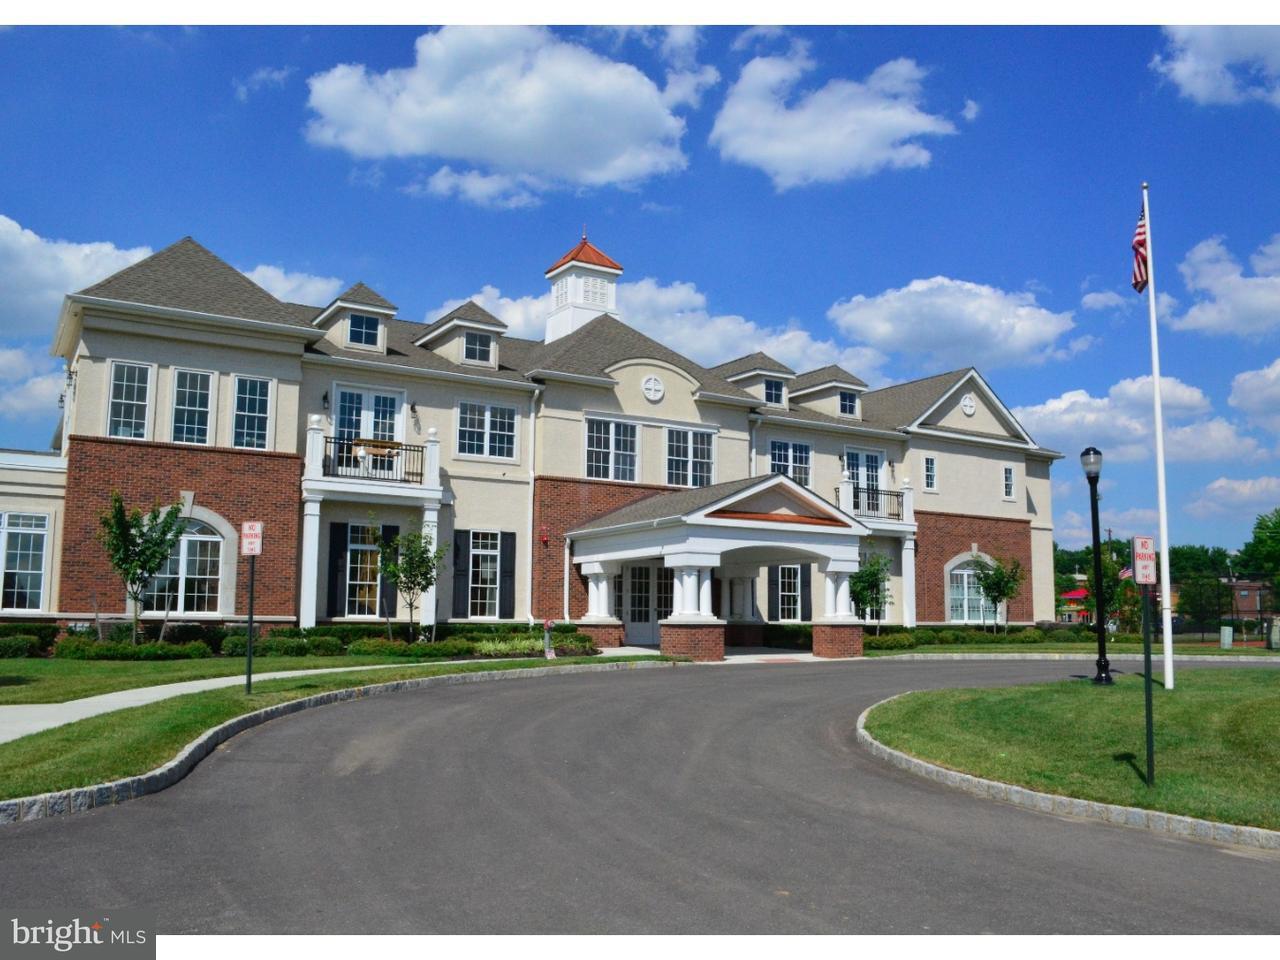 Частный односемейный дом для того Аренда на 420 CITATION LN #420 Cherry Hill, Нью-Джерси 08002 Соединенные Штаты